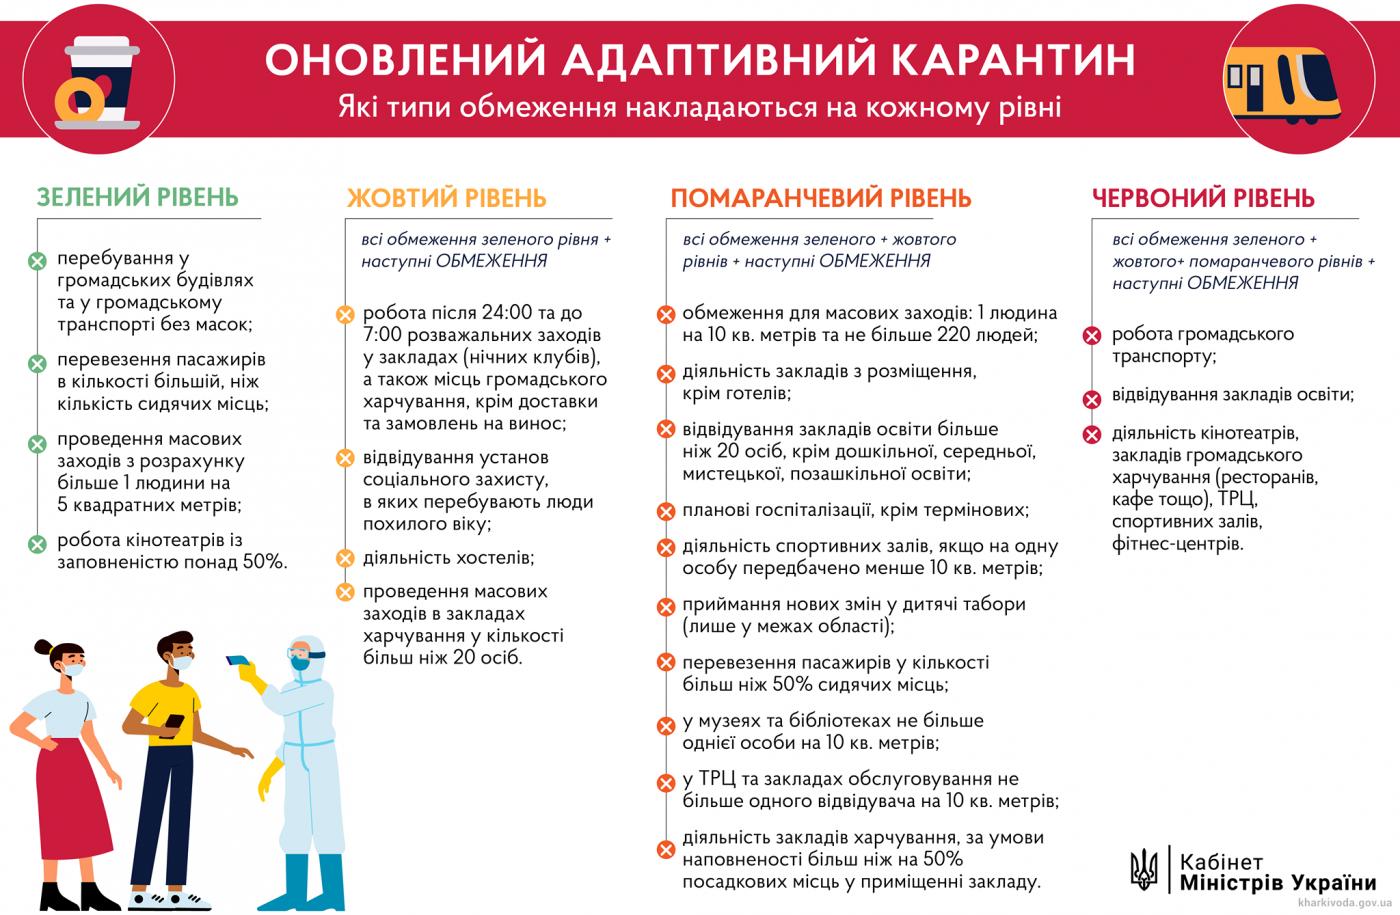 Обновление зон карантина в Украине. Куда попали Харьков и другие районы области, фото-1